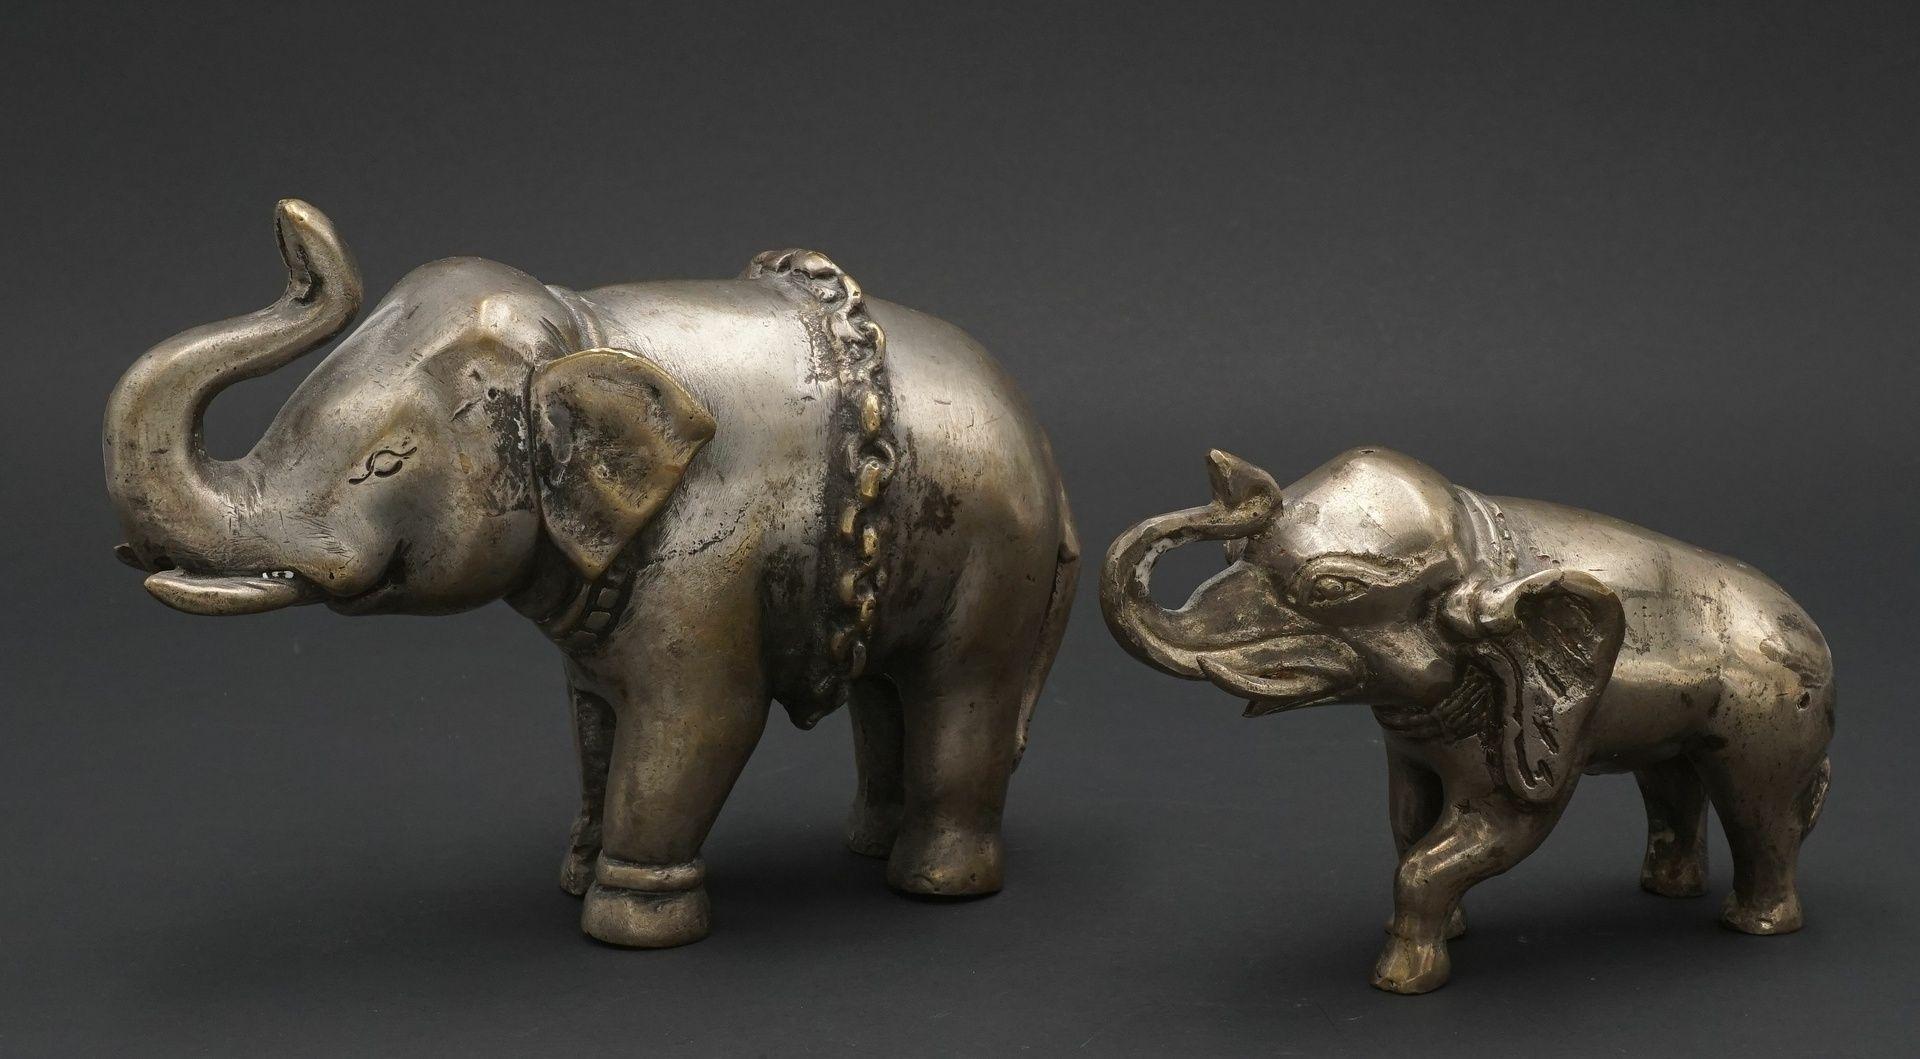 Zwei Elefanten, Indien, 20. Jh.